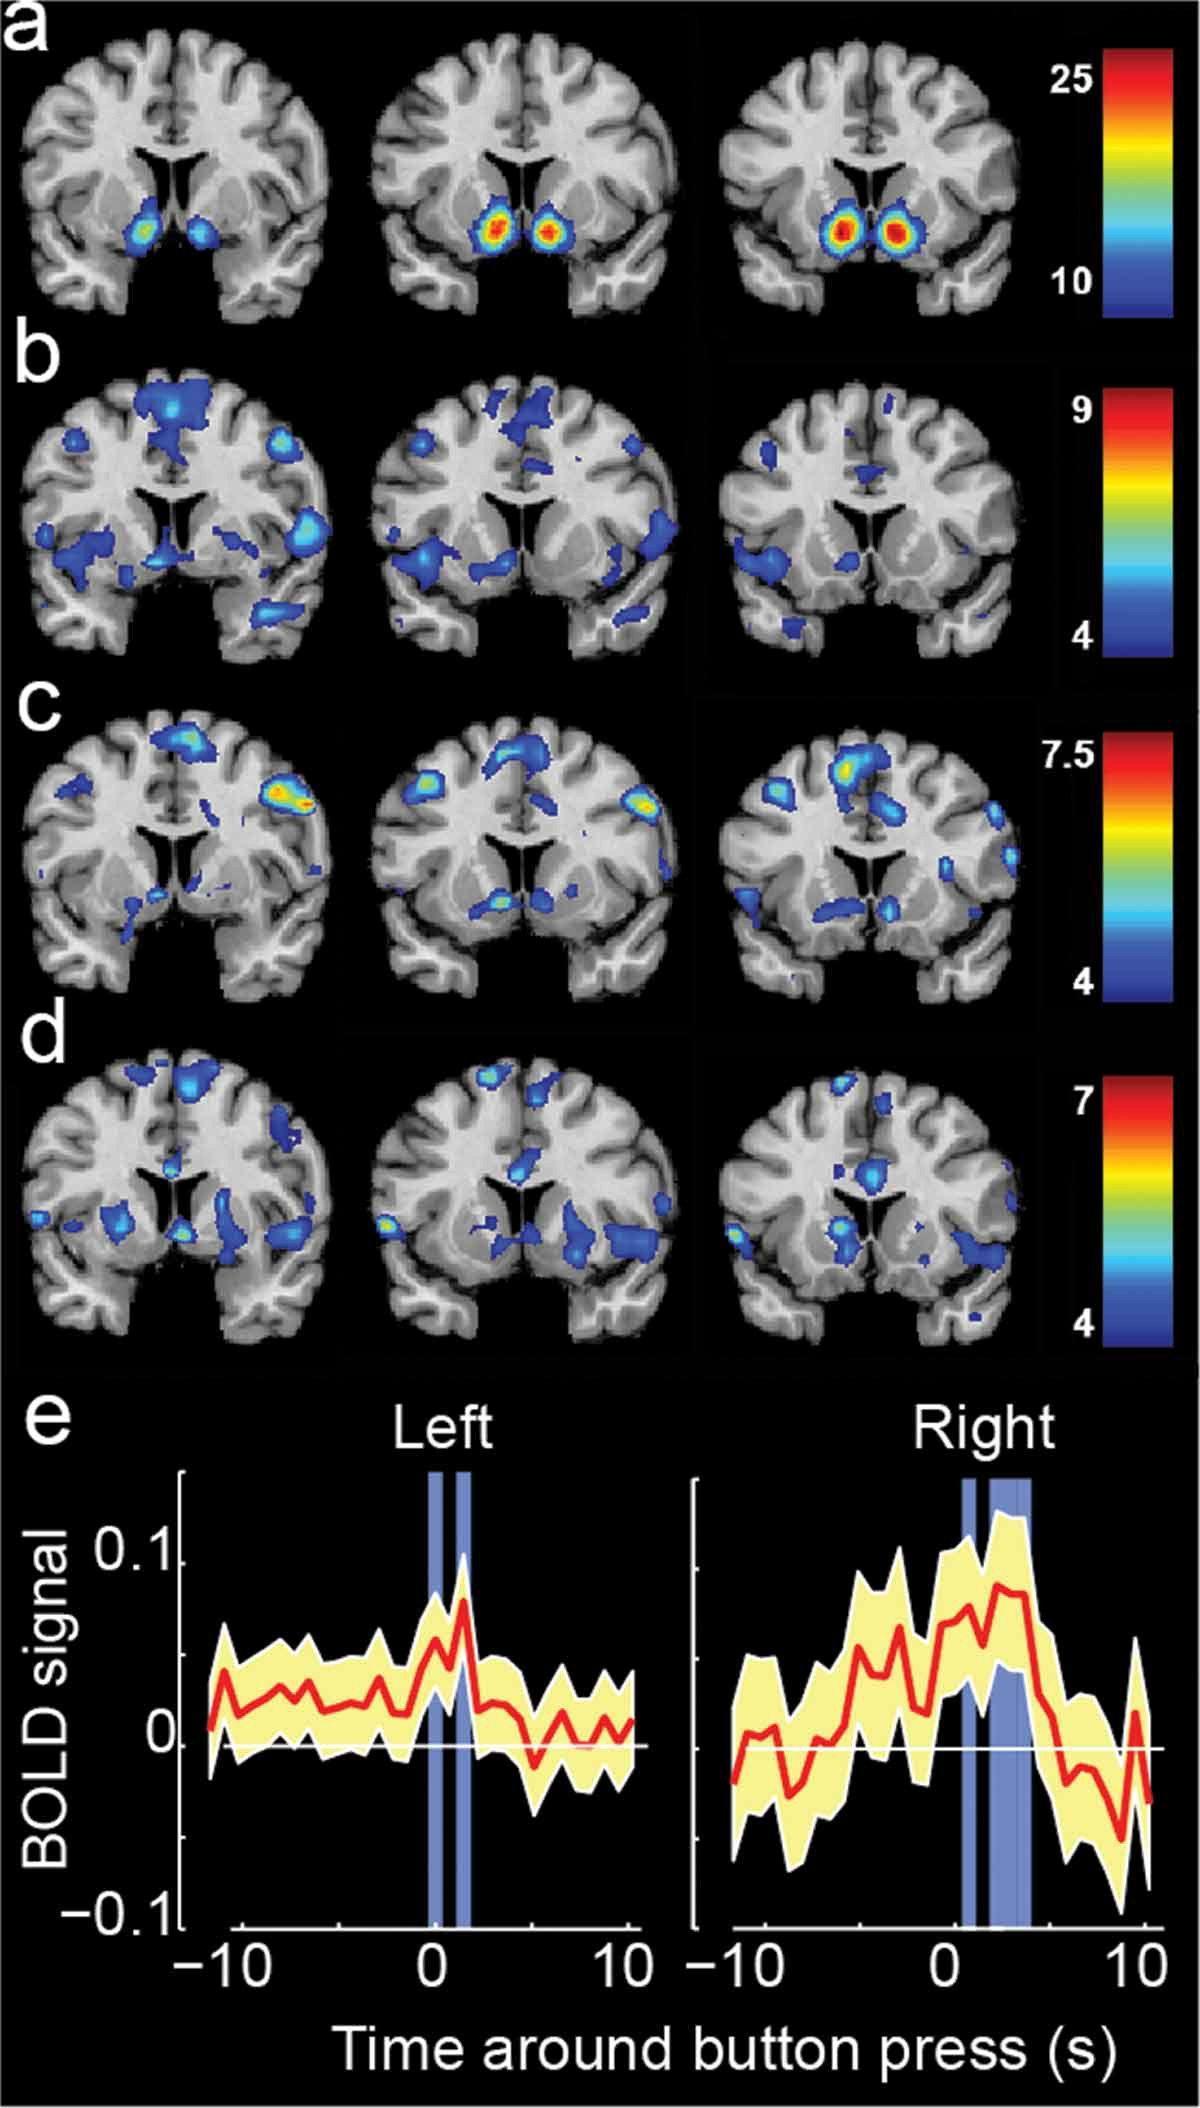 Религия и опиум действуют на мозг одинаково